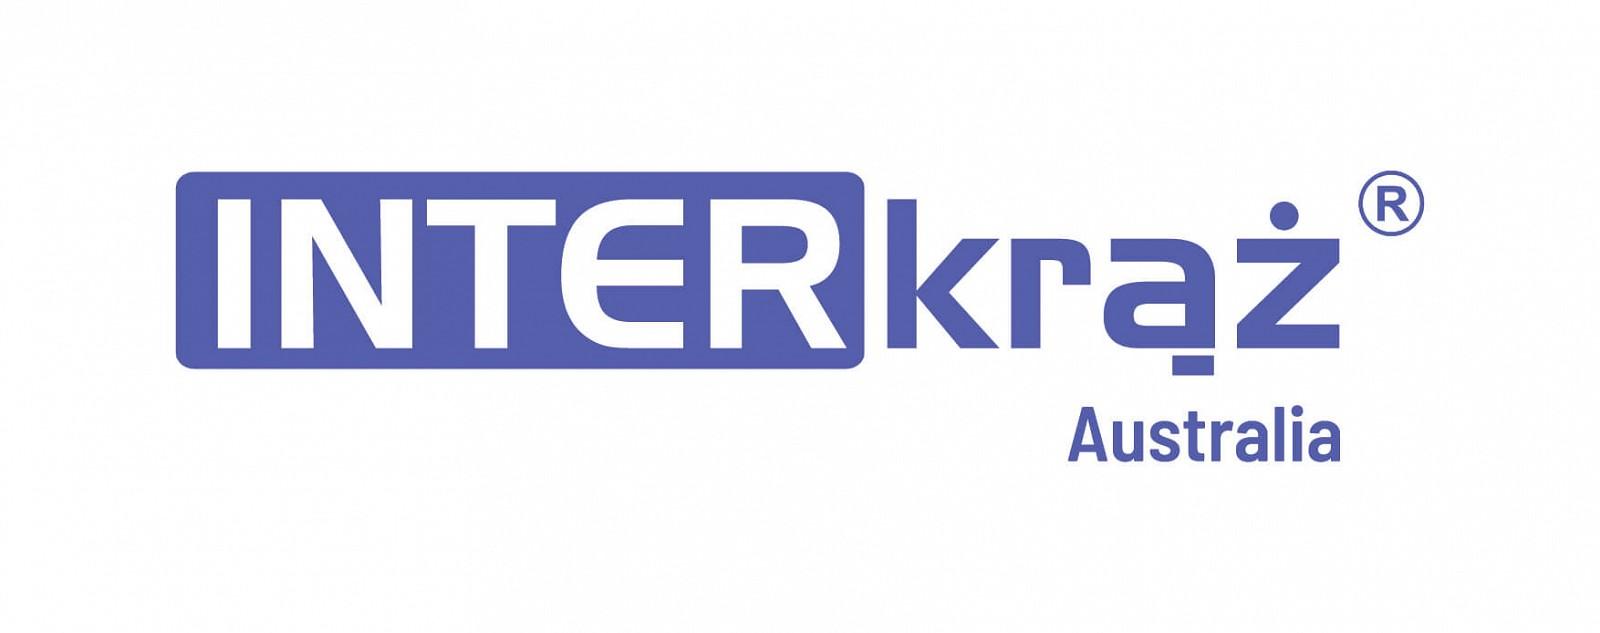 logo-interkraz_australia.jpg